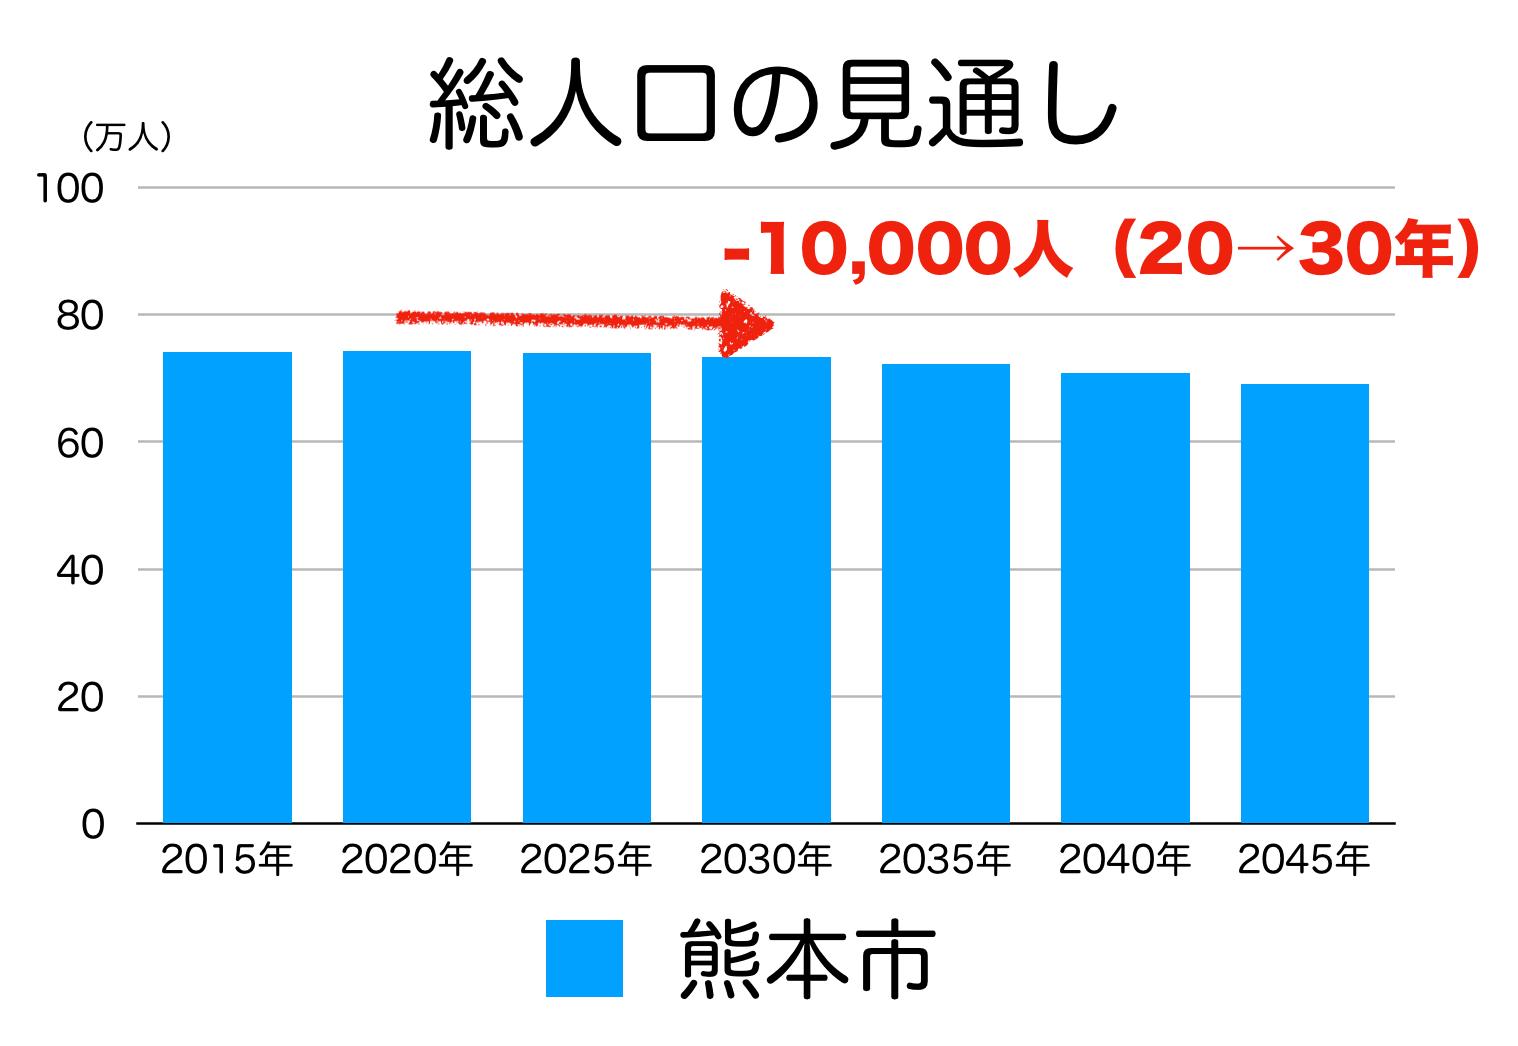 熊本市の人口予測